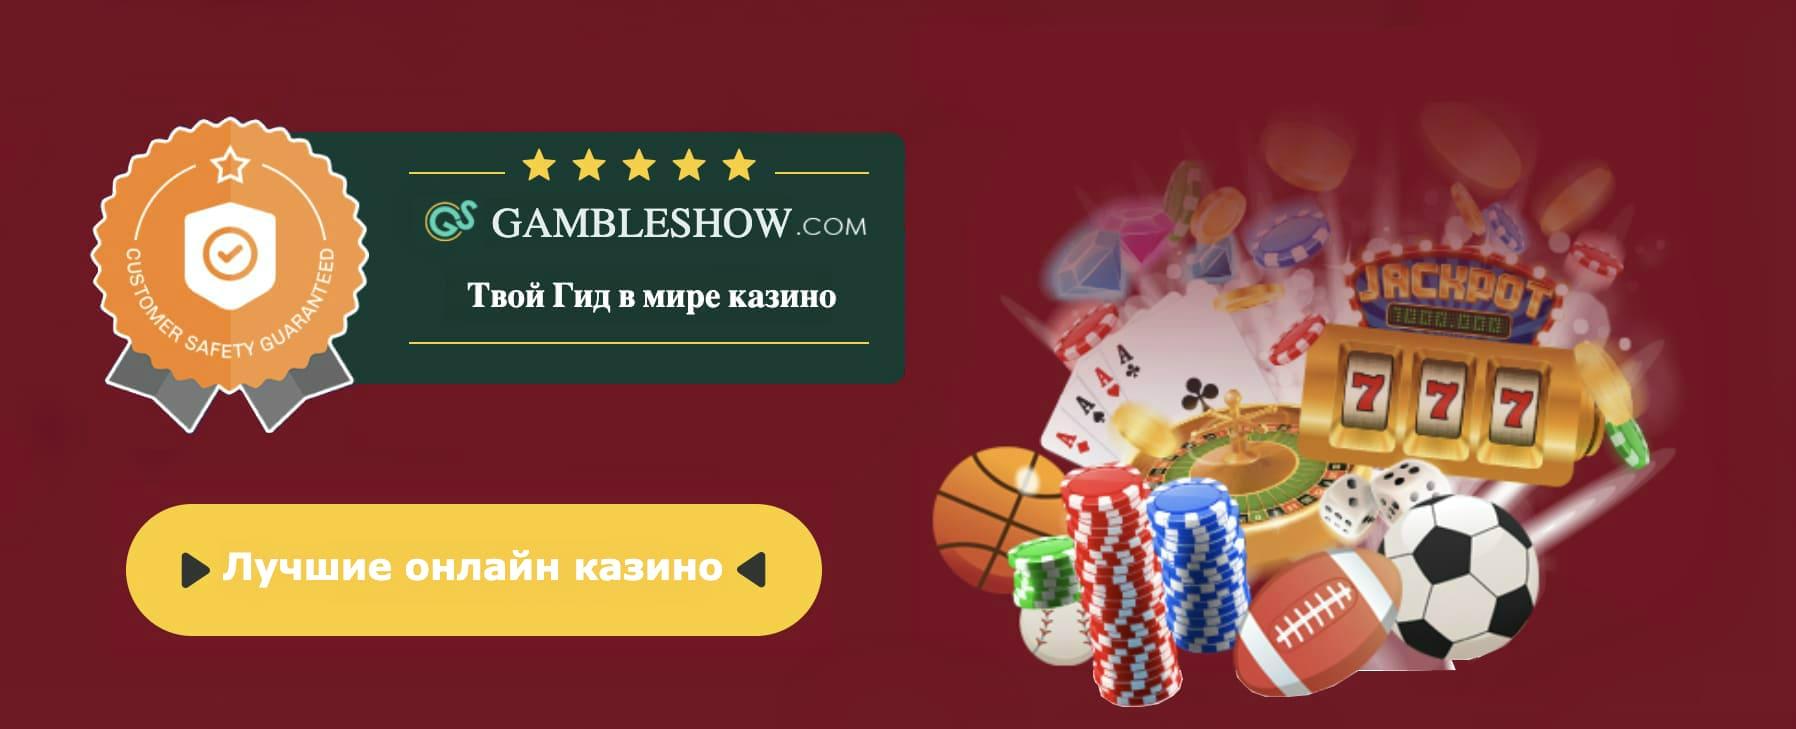 Бесплатно скачать игровые автоматы обезьяны, пирамиды, на нокия 2700 21 blackjack online casino